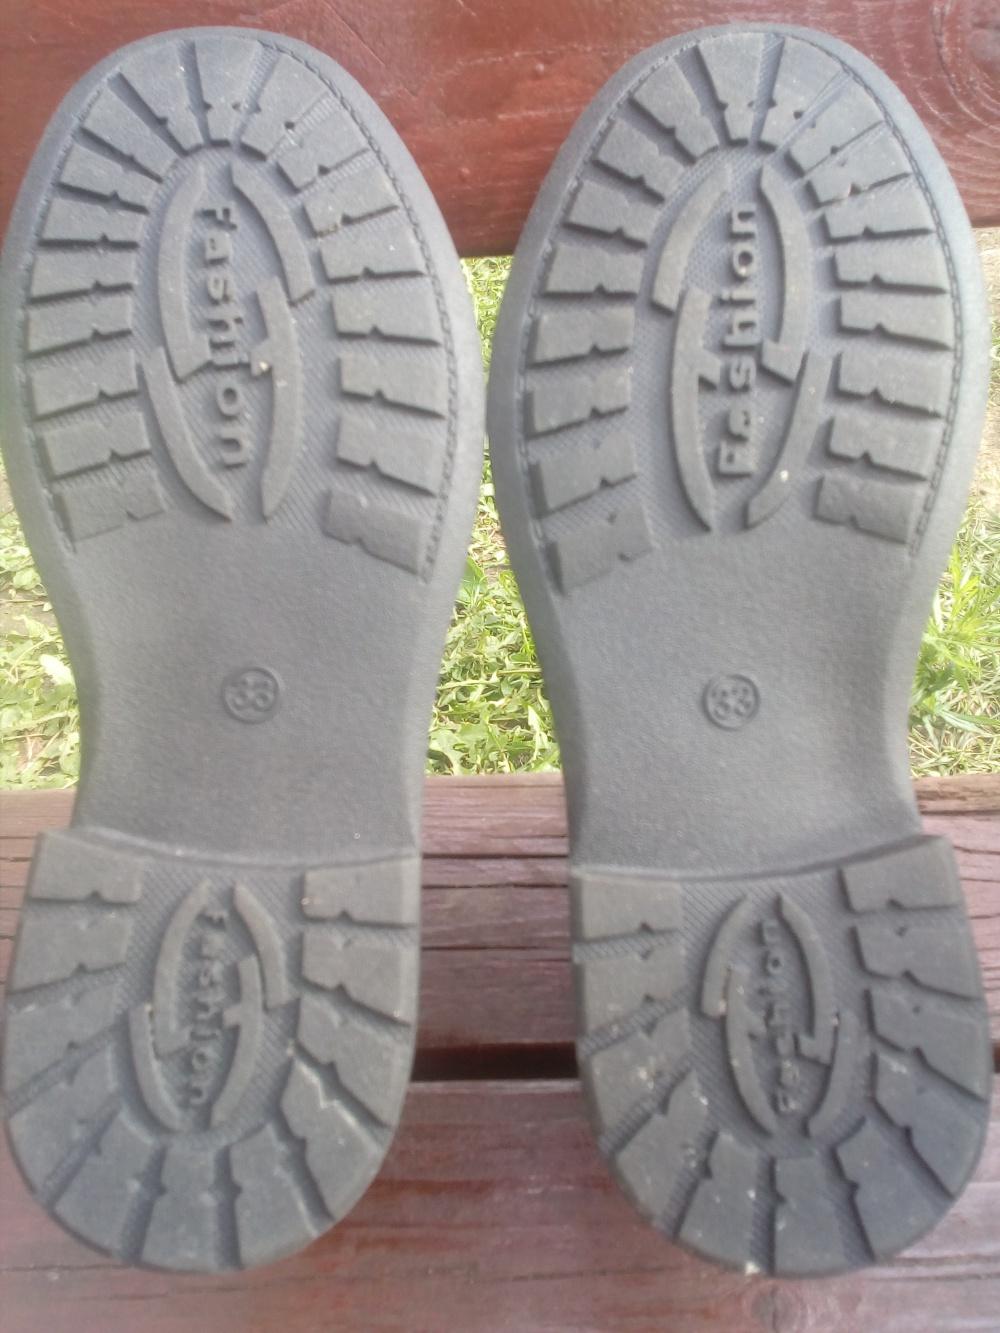 Ботинки. Porsche Fashion. Р-р 33